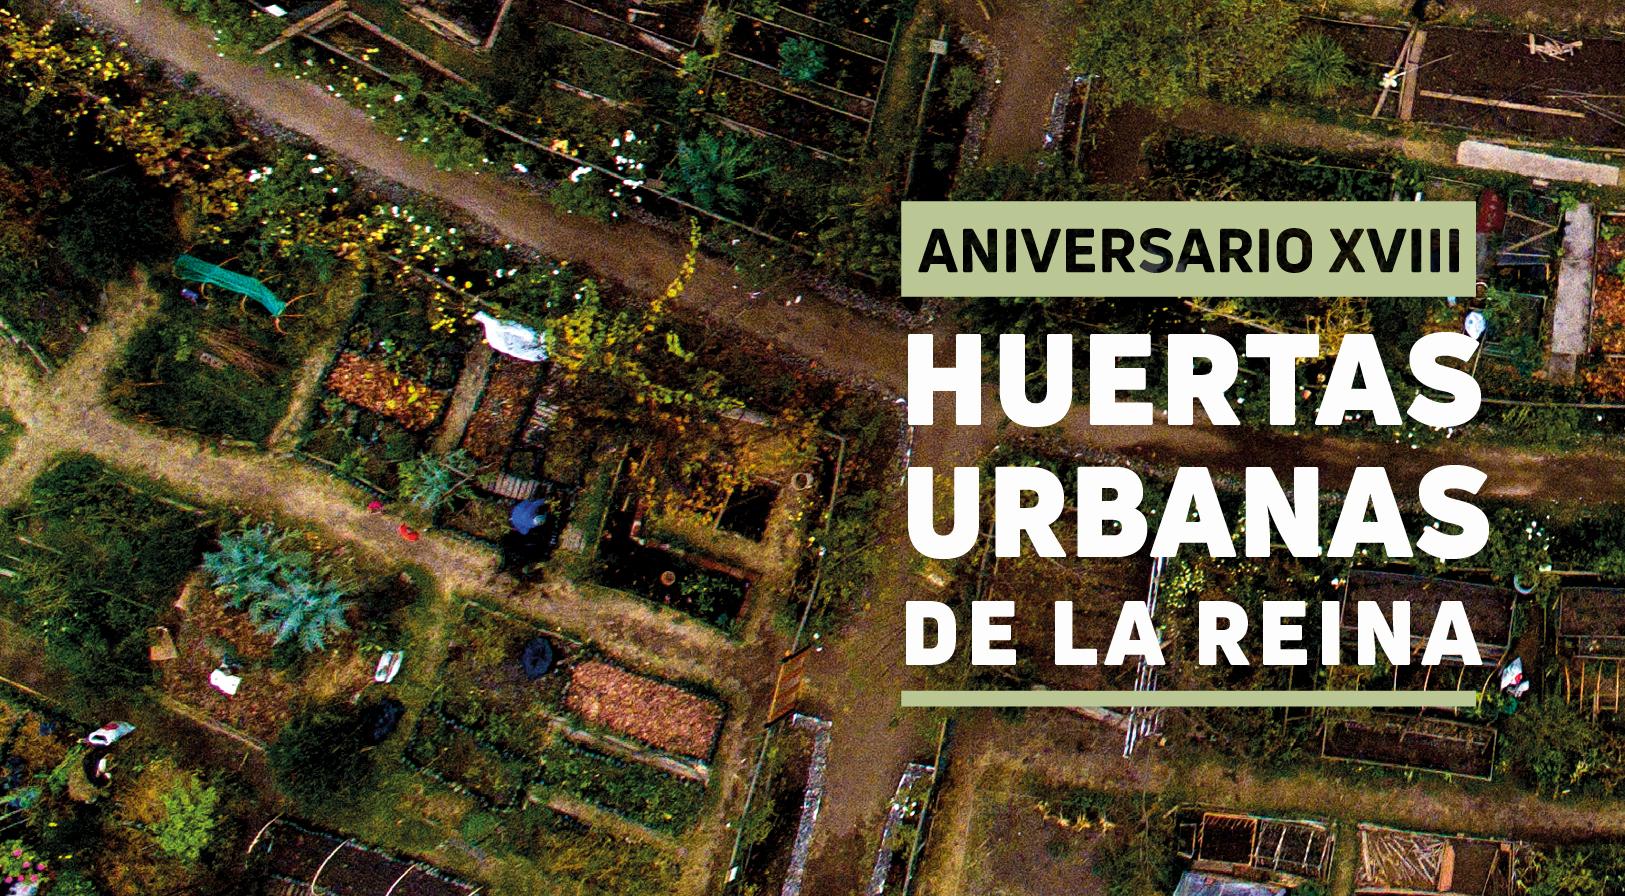 Aniversario Huertas Urbanas